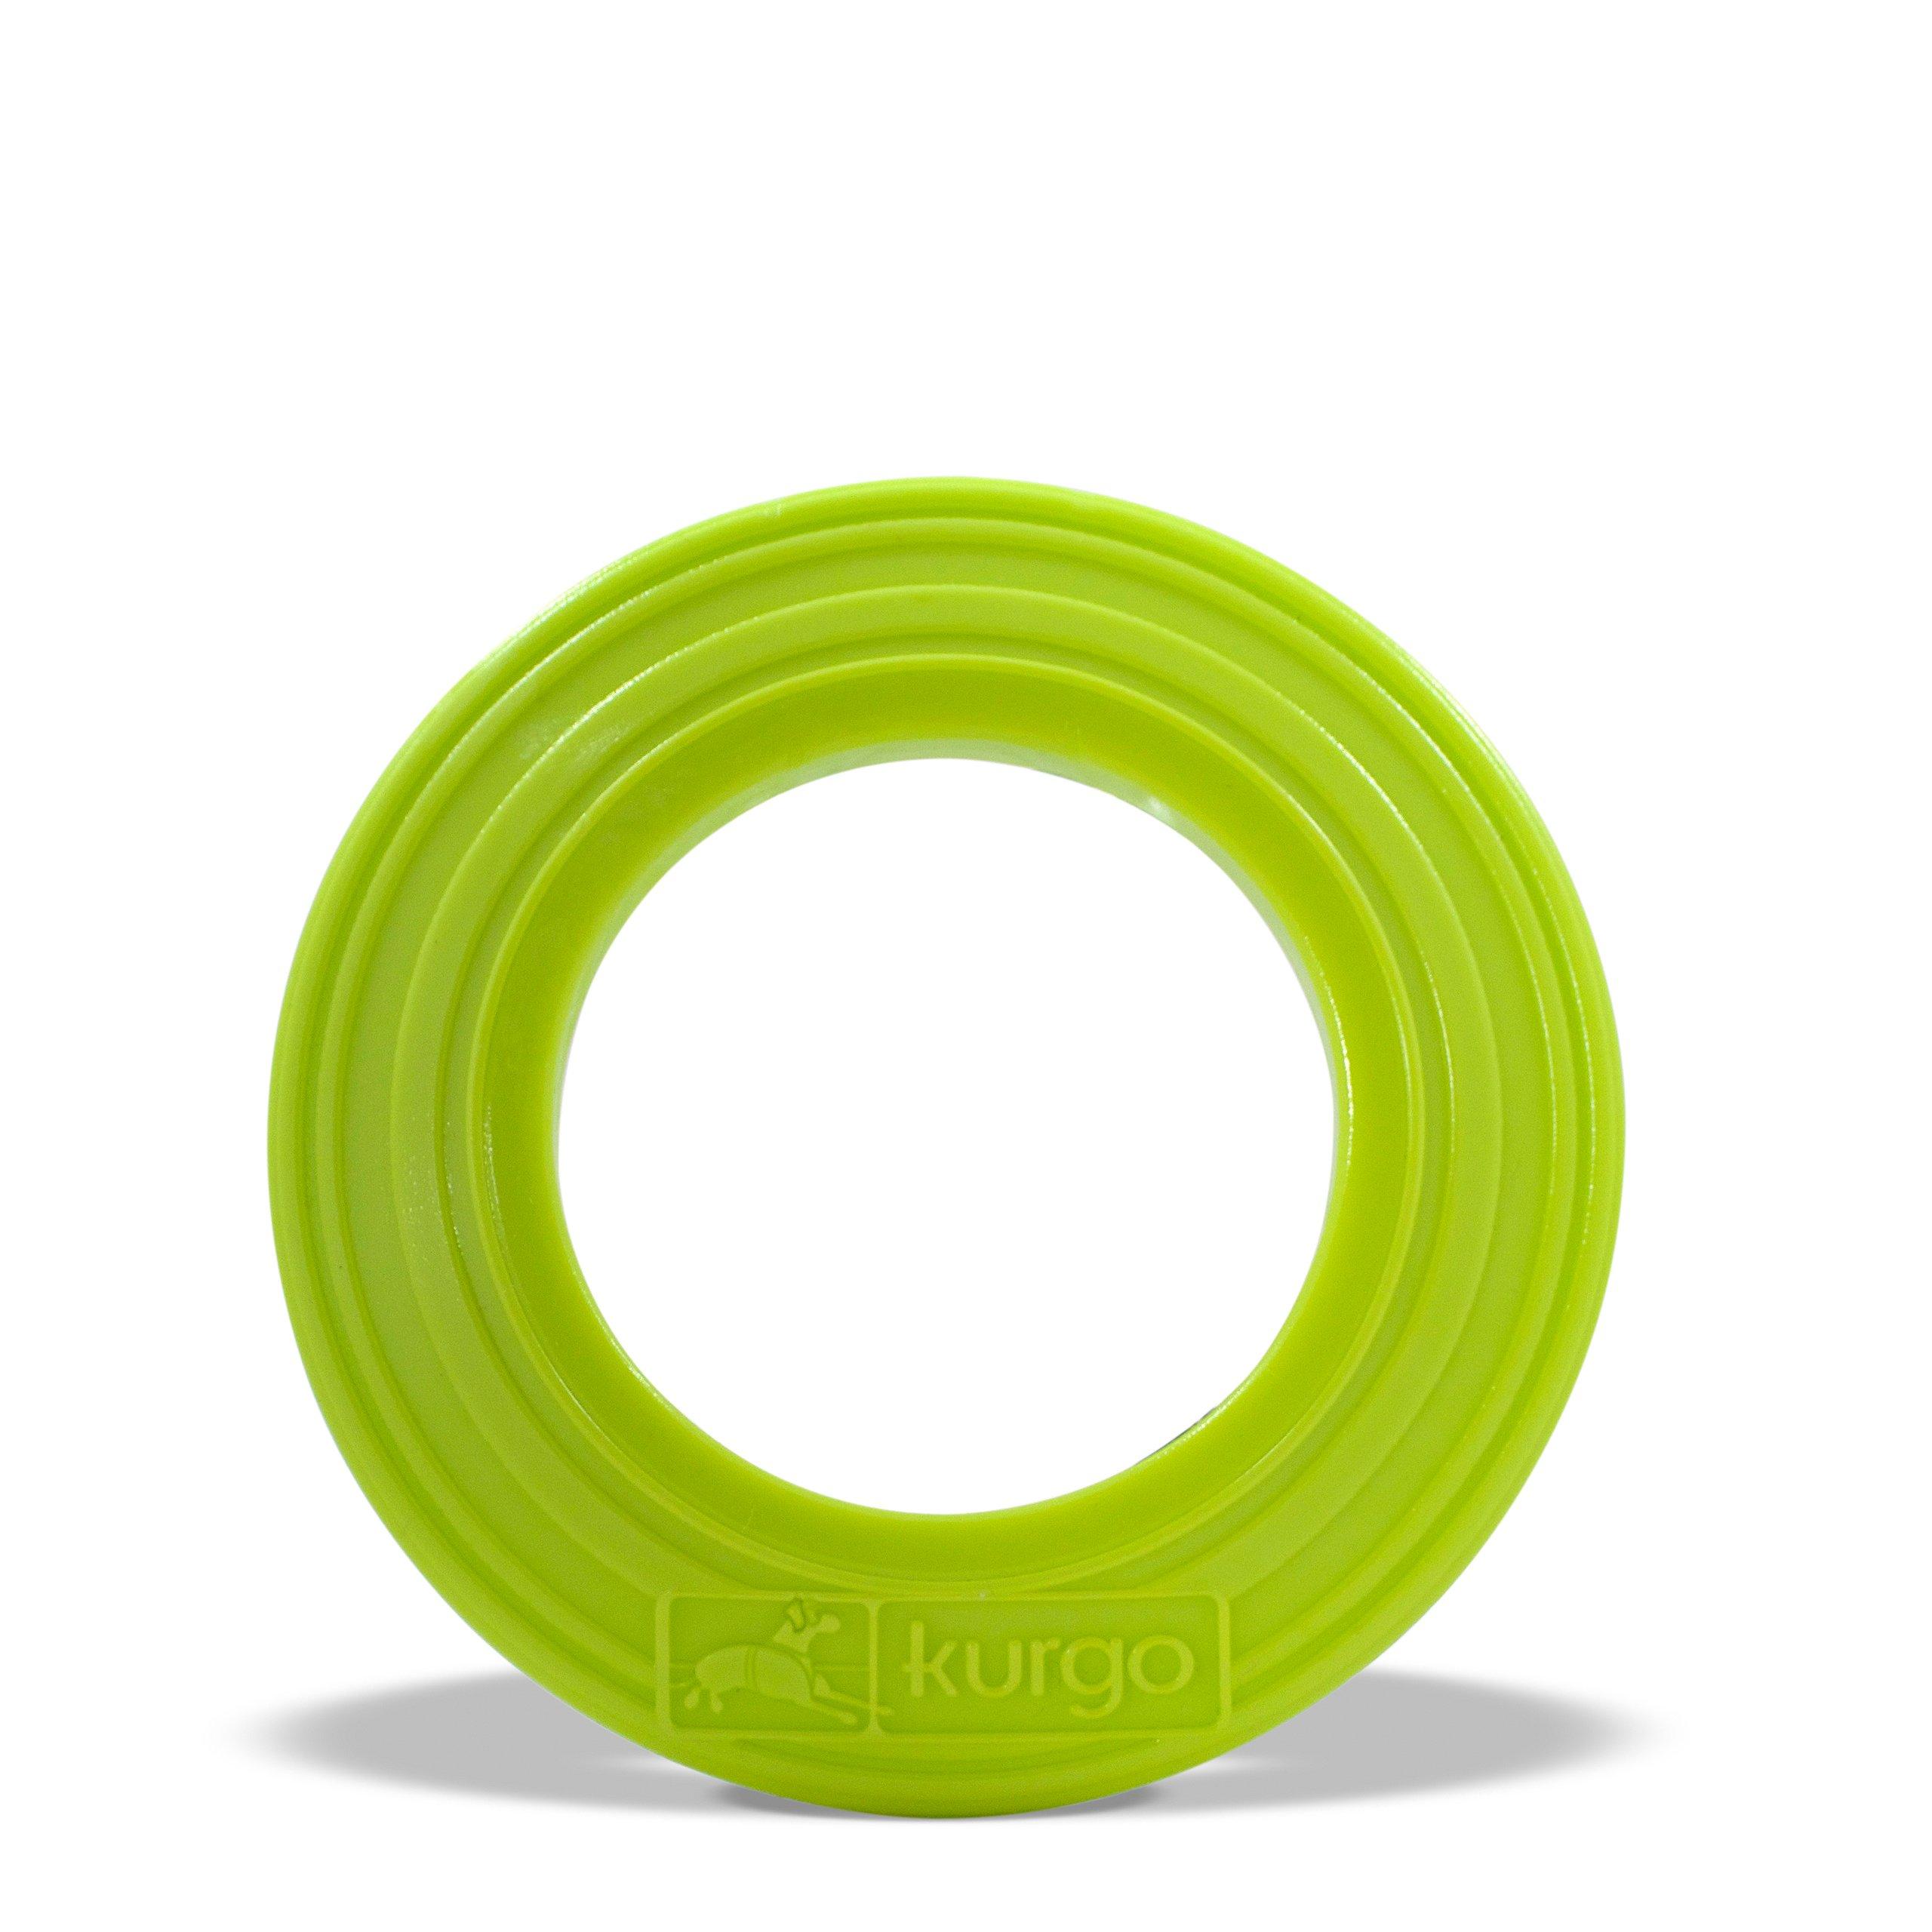 Kurgo Dog Tossing Disc(TM) for Dogs, Courtside Green, Regular